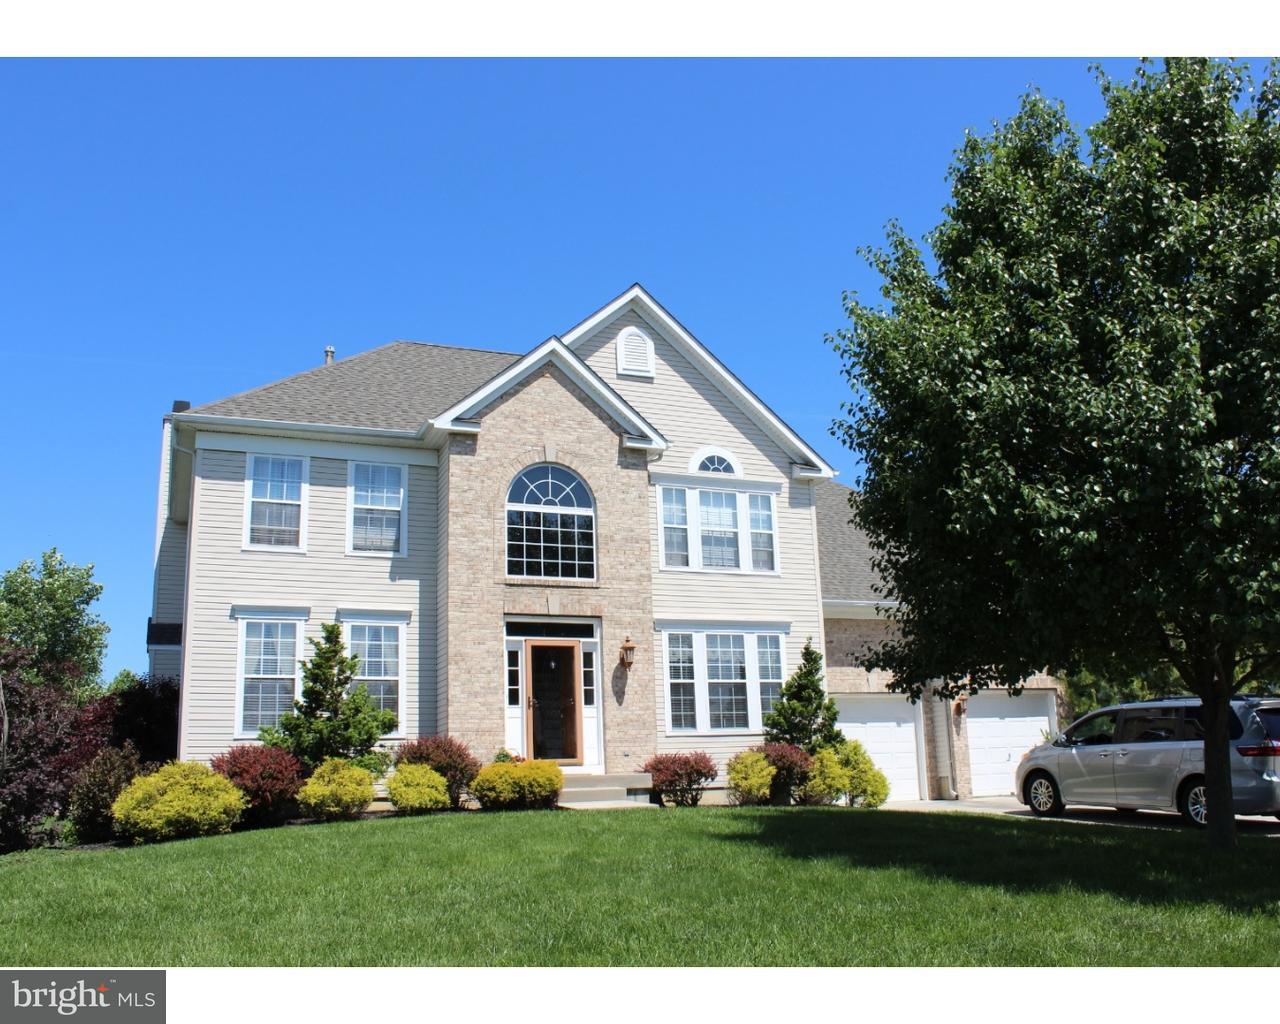 Частный односемейный дом для того Продажа на 12 ROCKWELL Lane Woodstown, Нью-Джерси 08098 Соединенные Штаты